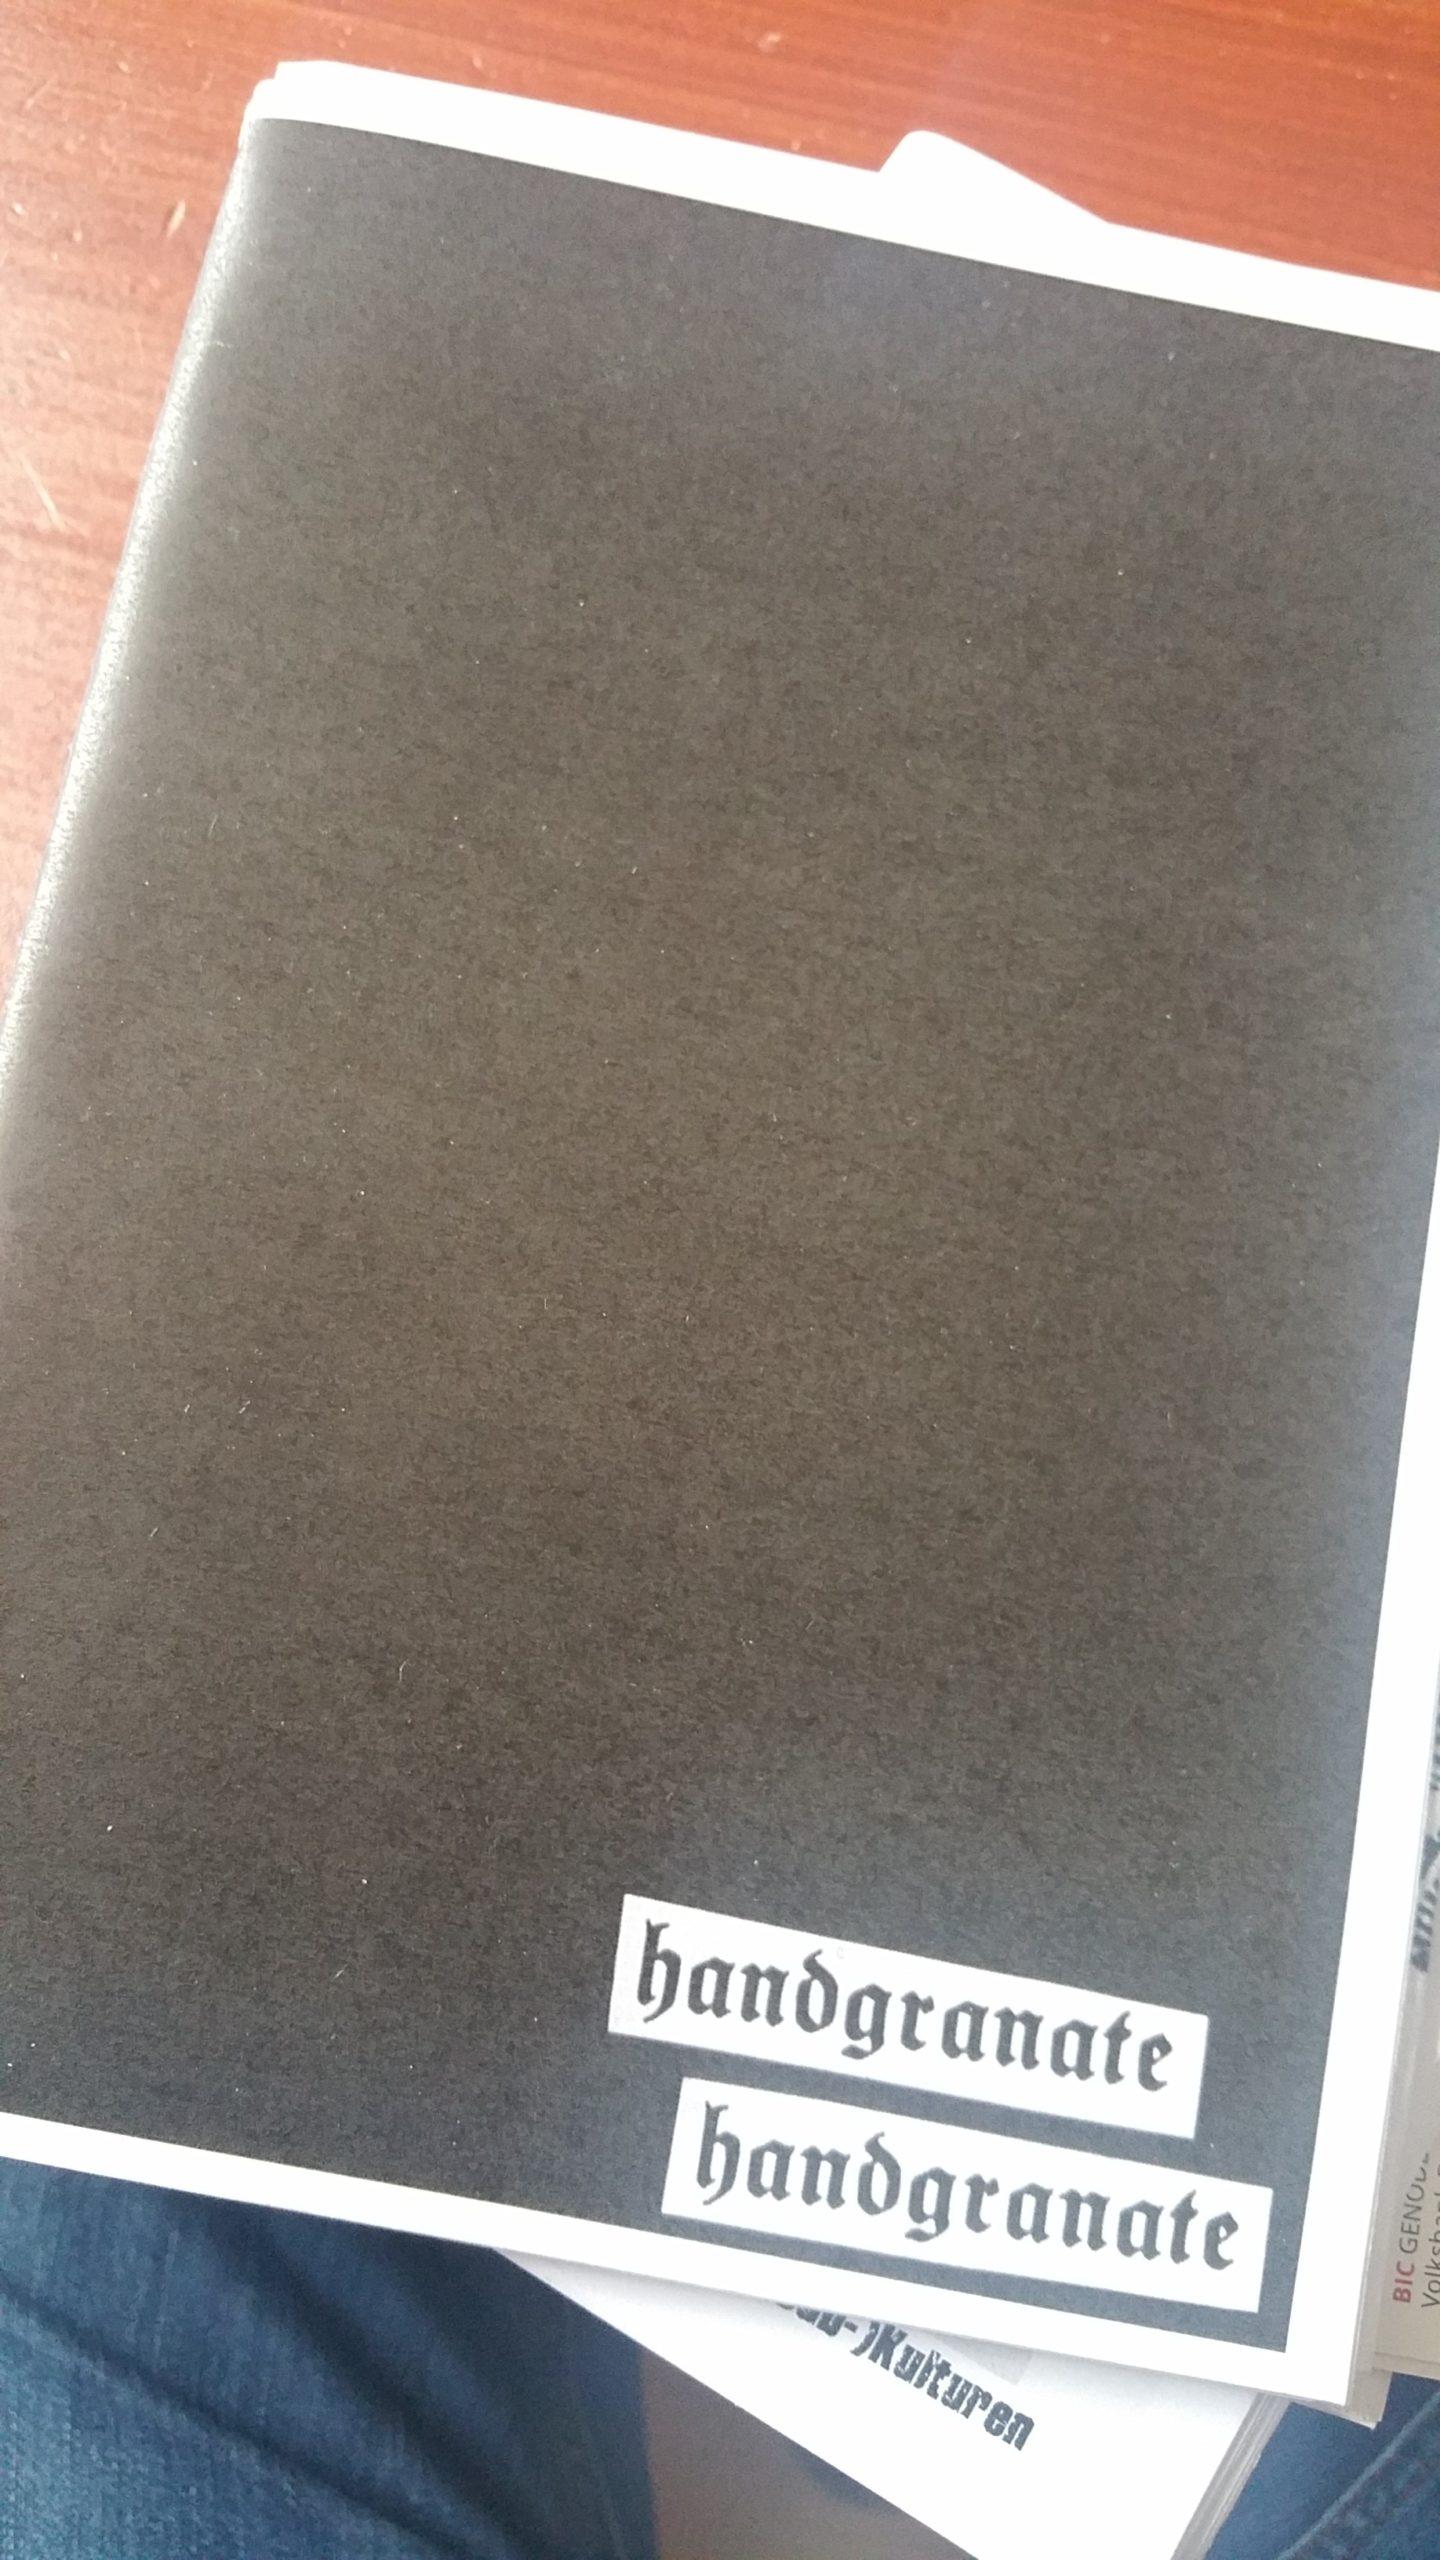 fanzine: HANDGRANATE #2